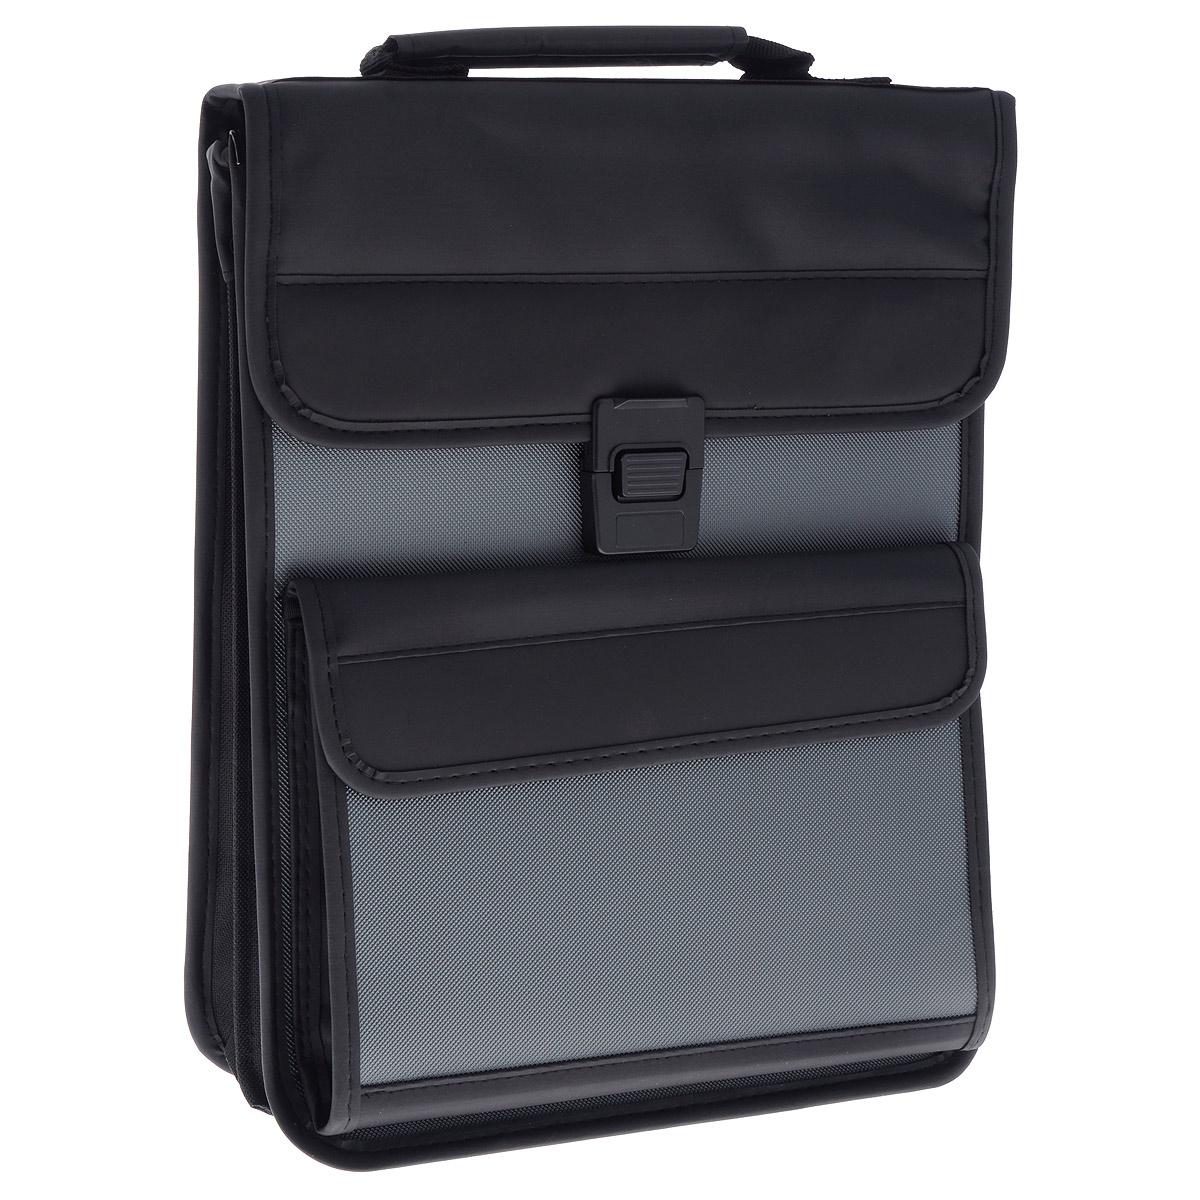 Berlingo Папка-портфель вертикальная цвет черный серыйADb_04048Вертикальная папка-портфель Berlingo - это удобный и практичный офисный инструмент, предназначенный для хранения и транспортировки большого количества рабочих бумаг и документов. Папка-портфель изготовлена из плотного пластика с зернистым тиснением, оснащена удобной ручкой для переноски, закрывается на широкий клапан с пластиковым замком. Грани папки имеют мягкую отделку, уголки укреплены металлическими накладками.Папка состоит из 2 отделений, разделенных средником на застежке-молнии. Внутри первого отделения расположены 2 открытых кармана и накладной карман, закрывающийся на клапан с липучкой, а также 3 кармашка для ручек. Фронтальная сторона сумки дополнена вместительнымкарманом, закрывающимся на клапан с липучкой, внутри которого расположен карман-сеточка на застежке-молнии. Папка оснащена удобным плечевым ремнем с эргономичной мягкой накладкой.Папка-портфель - это незаменимый атрибут для студента, школьника, офисногоработника. Такая папка надежно сохранит ваши документы и сбережет их от повреждений, пыли и влаги.